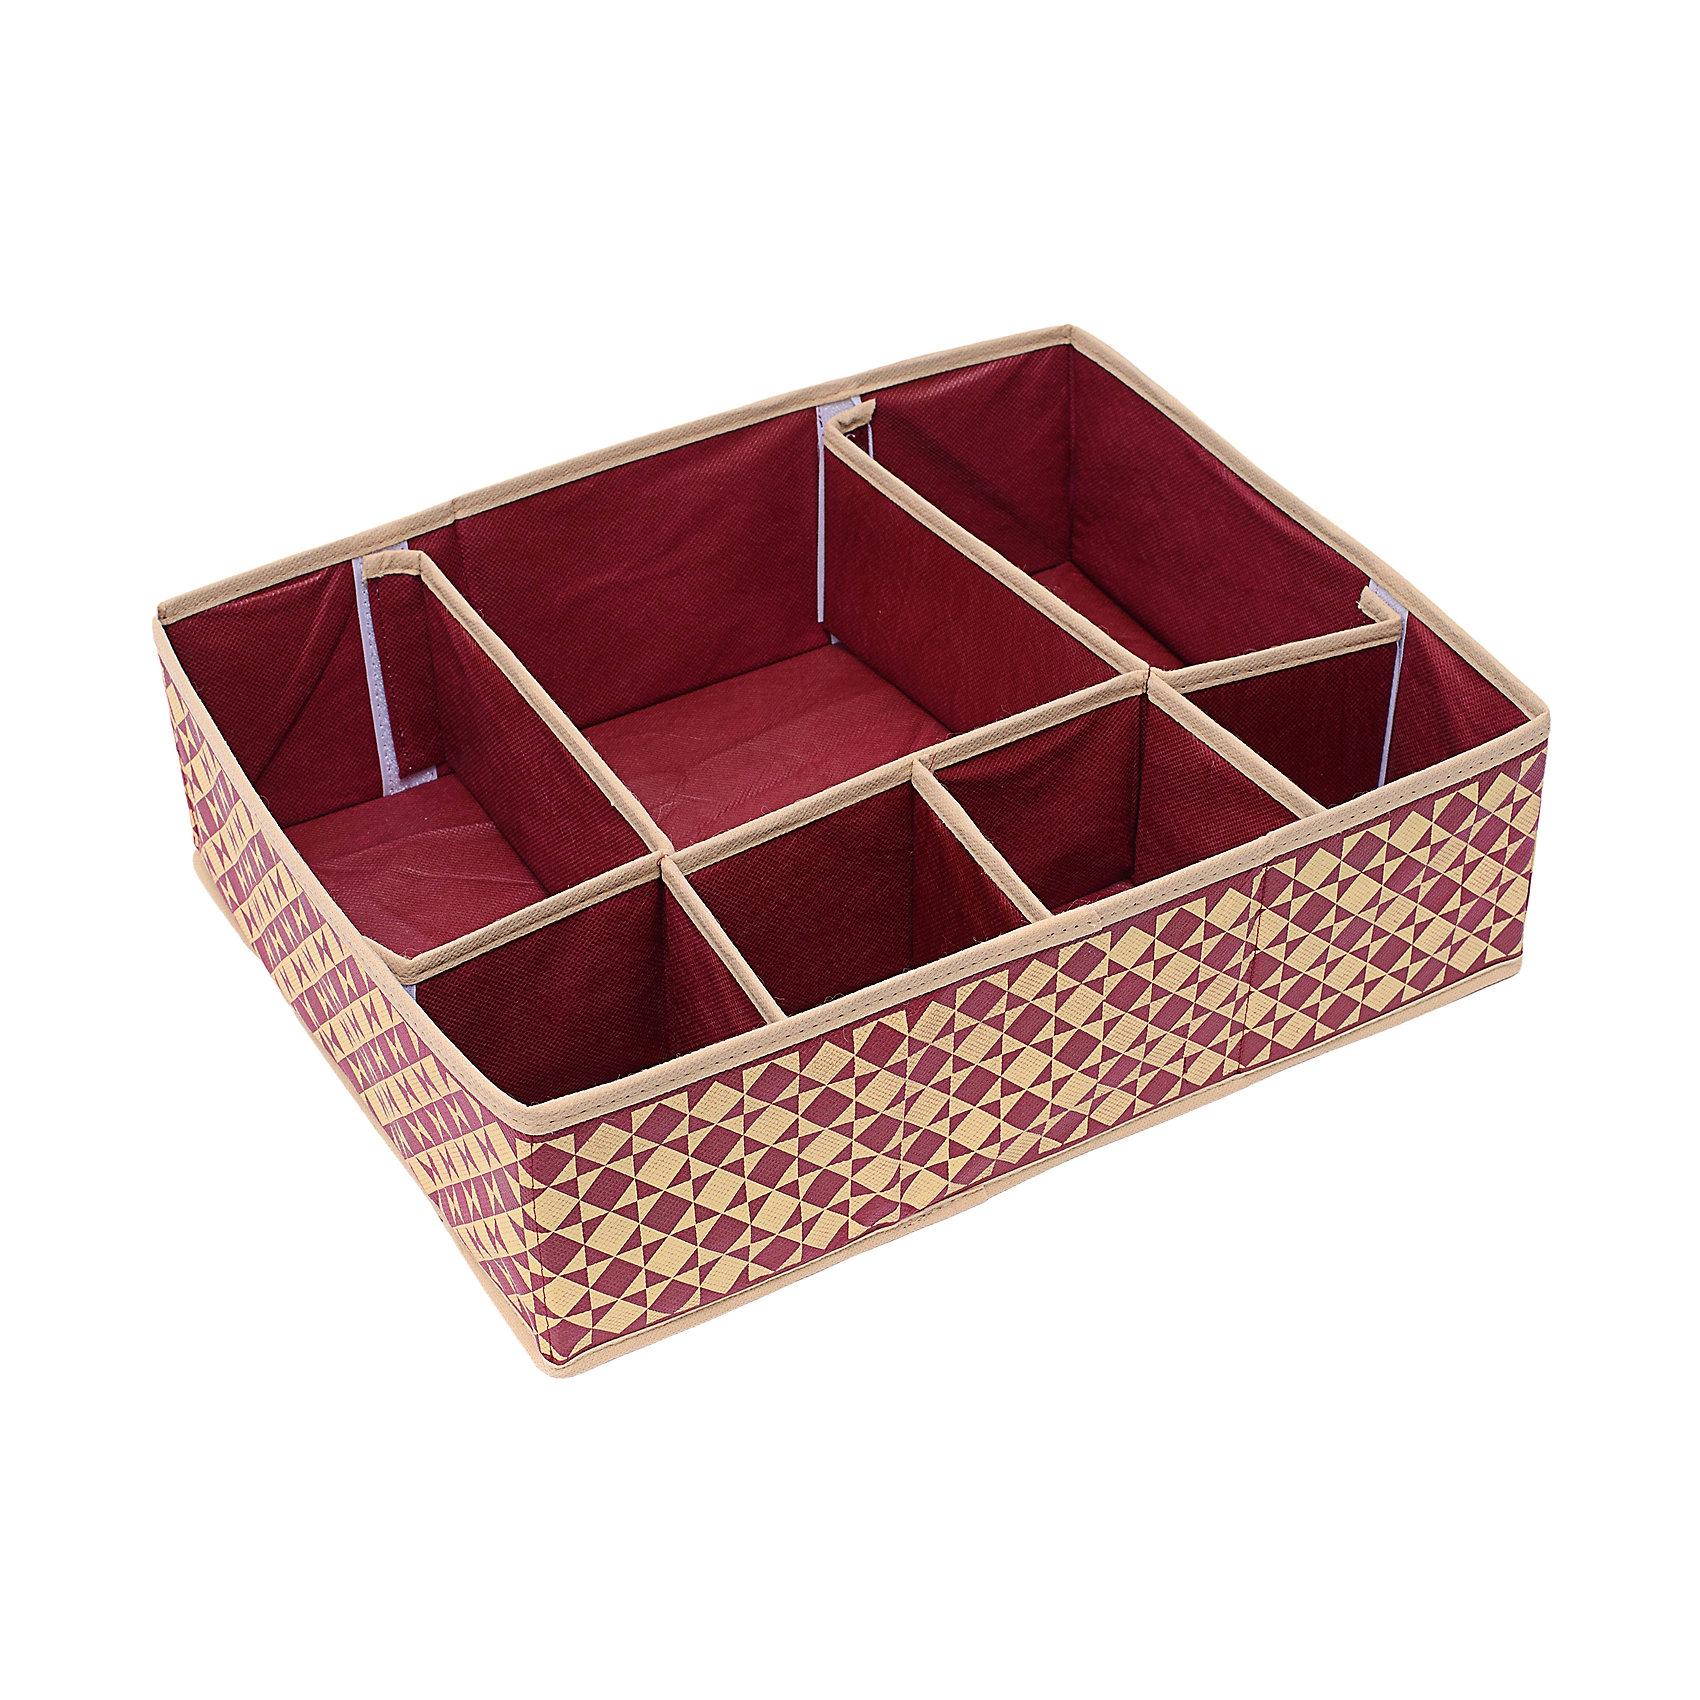 Органайзер для вещей (44*34*11) Bordo, HomsuПорядок в детской<br>Супер универсальный органайзер с секциями разного размера наведет порядок в любом ящике комода или на полке. Благодаря размерам ячеек, вы легко сможете хранить в нем вещи такие, как футболки, нижнее белье, носки, шапки и многое другое. Имеет жесткие борта, что является гарантией сохранности вещей. Подходит в шкафы Били от Икея.<br><br>Ширина мм: 460<br>Глубина мм: 300<br>Высота мм: 20<br>Вес г: 300<br>Возраст от месяцев: 216<br>Возраст до месяцев: 1188<br>Пол: Унисекс<br>Возраст: Детский<br>SKU: 5620174